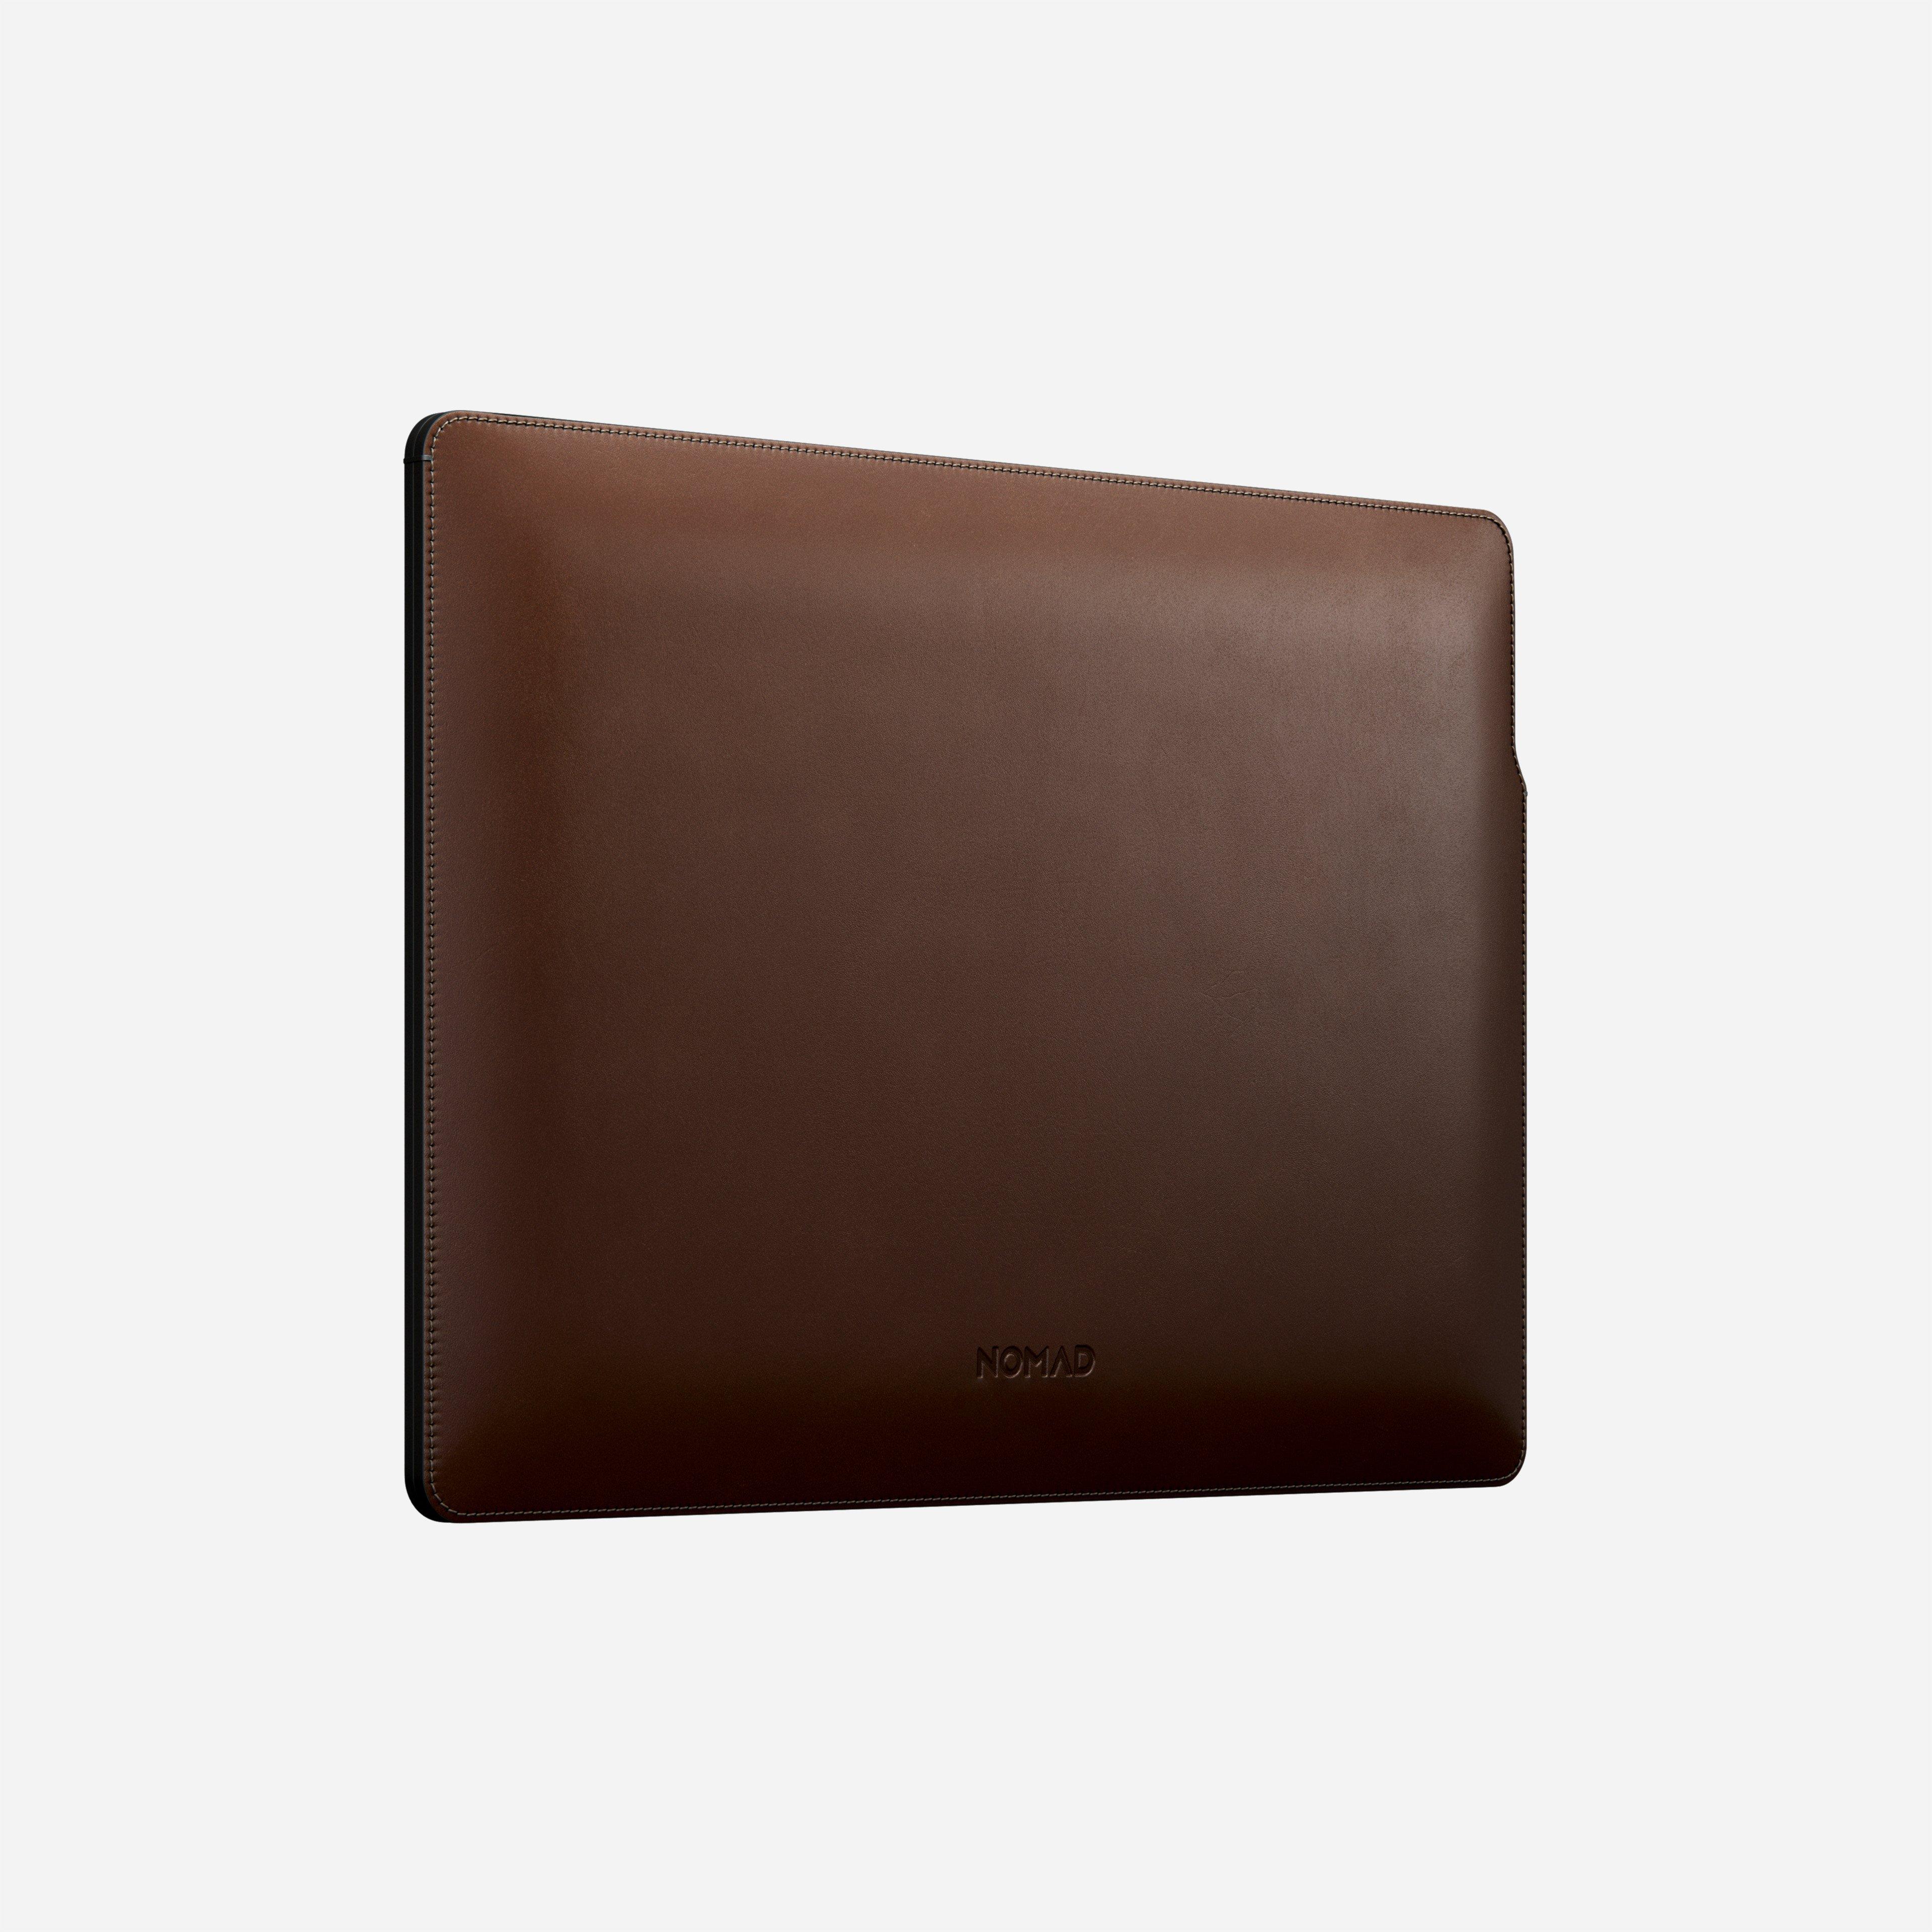 Kol Brown Laptop Sleeve